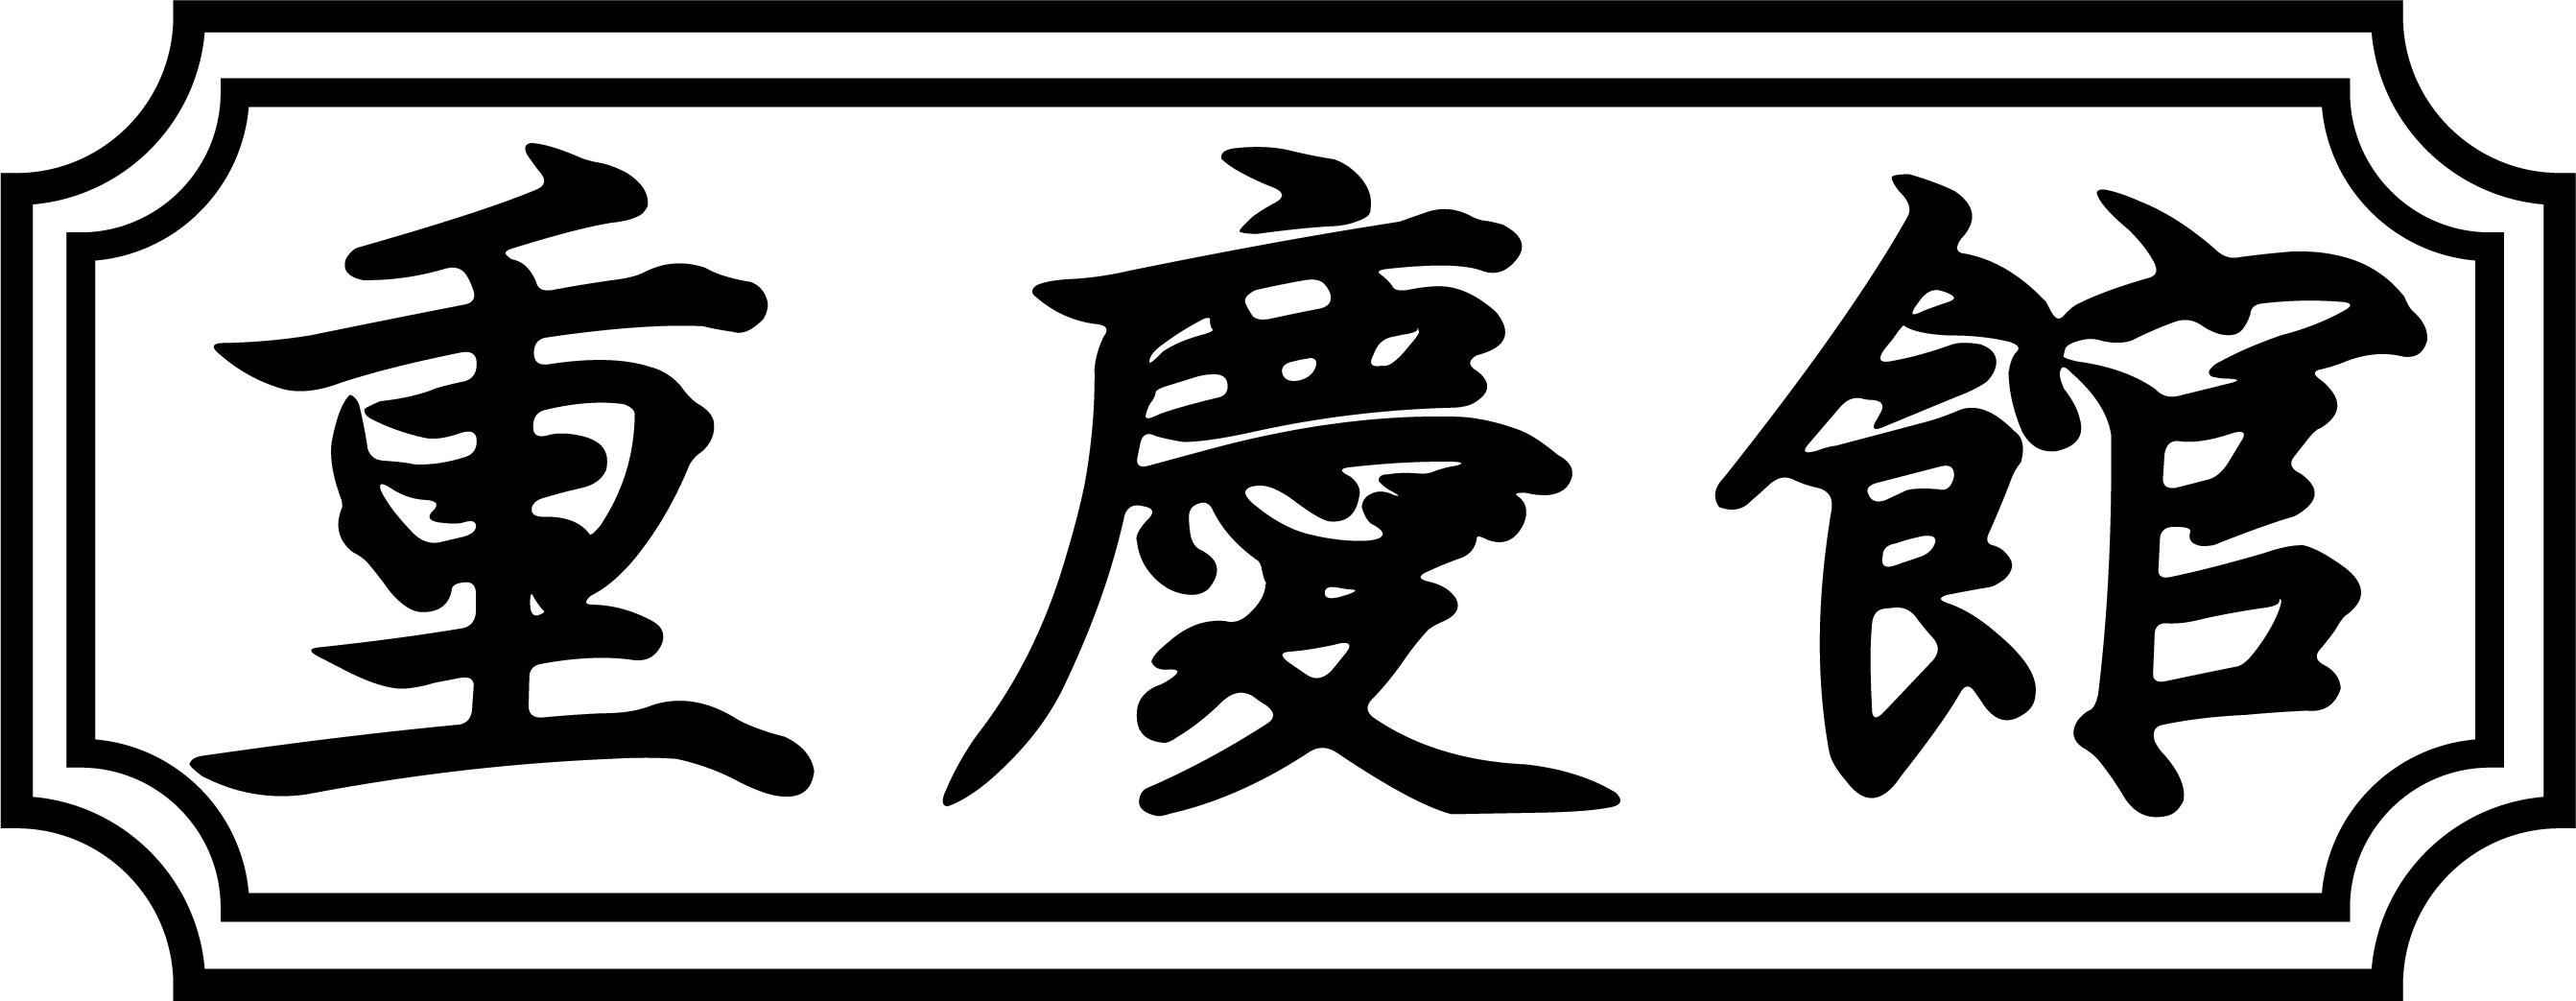 公司目錄 - 第 16 頁 | HKSlash 搵工兼職招聘網